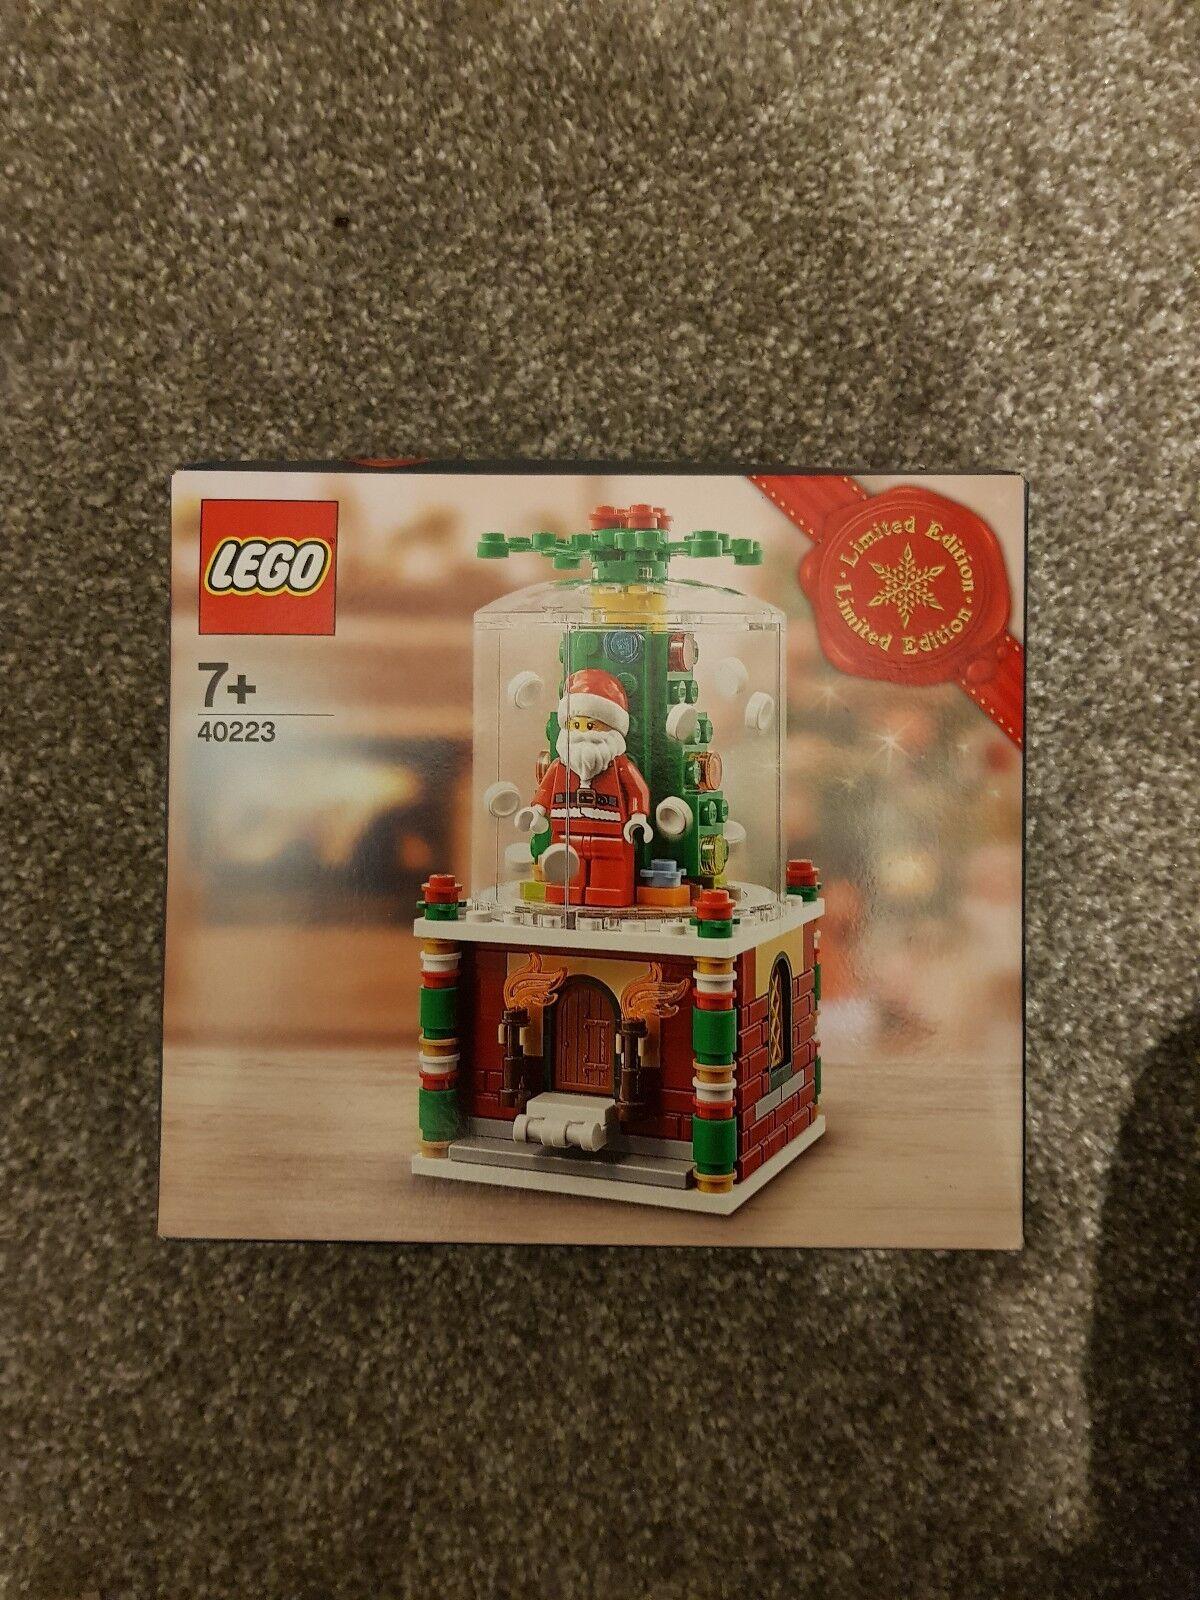 Lego Snow Globe - 40223 - LIMITED EDITION - Discontinued BNIB